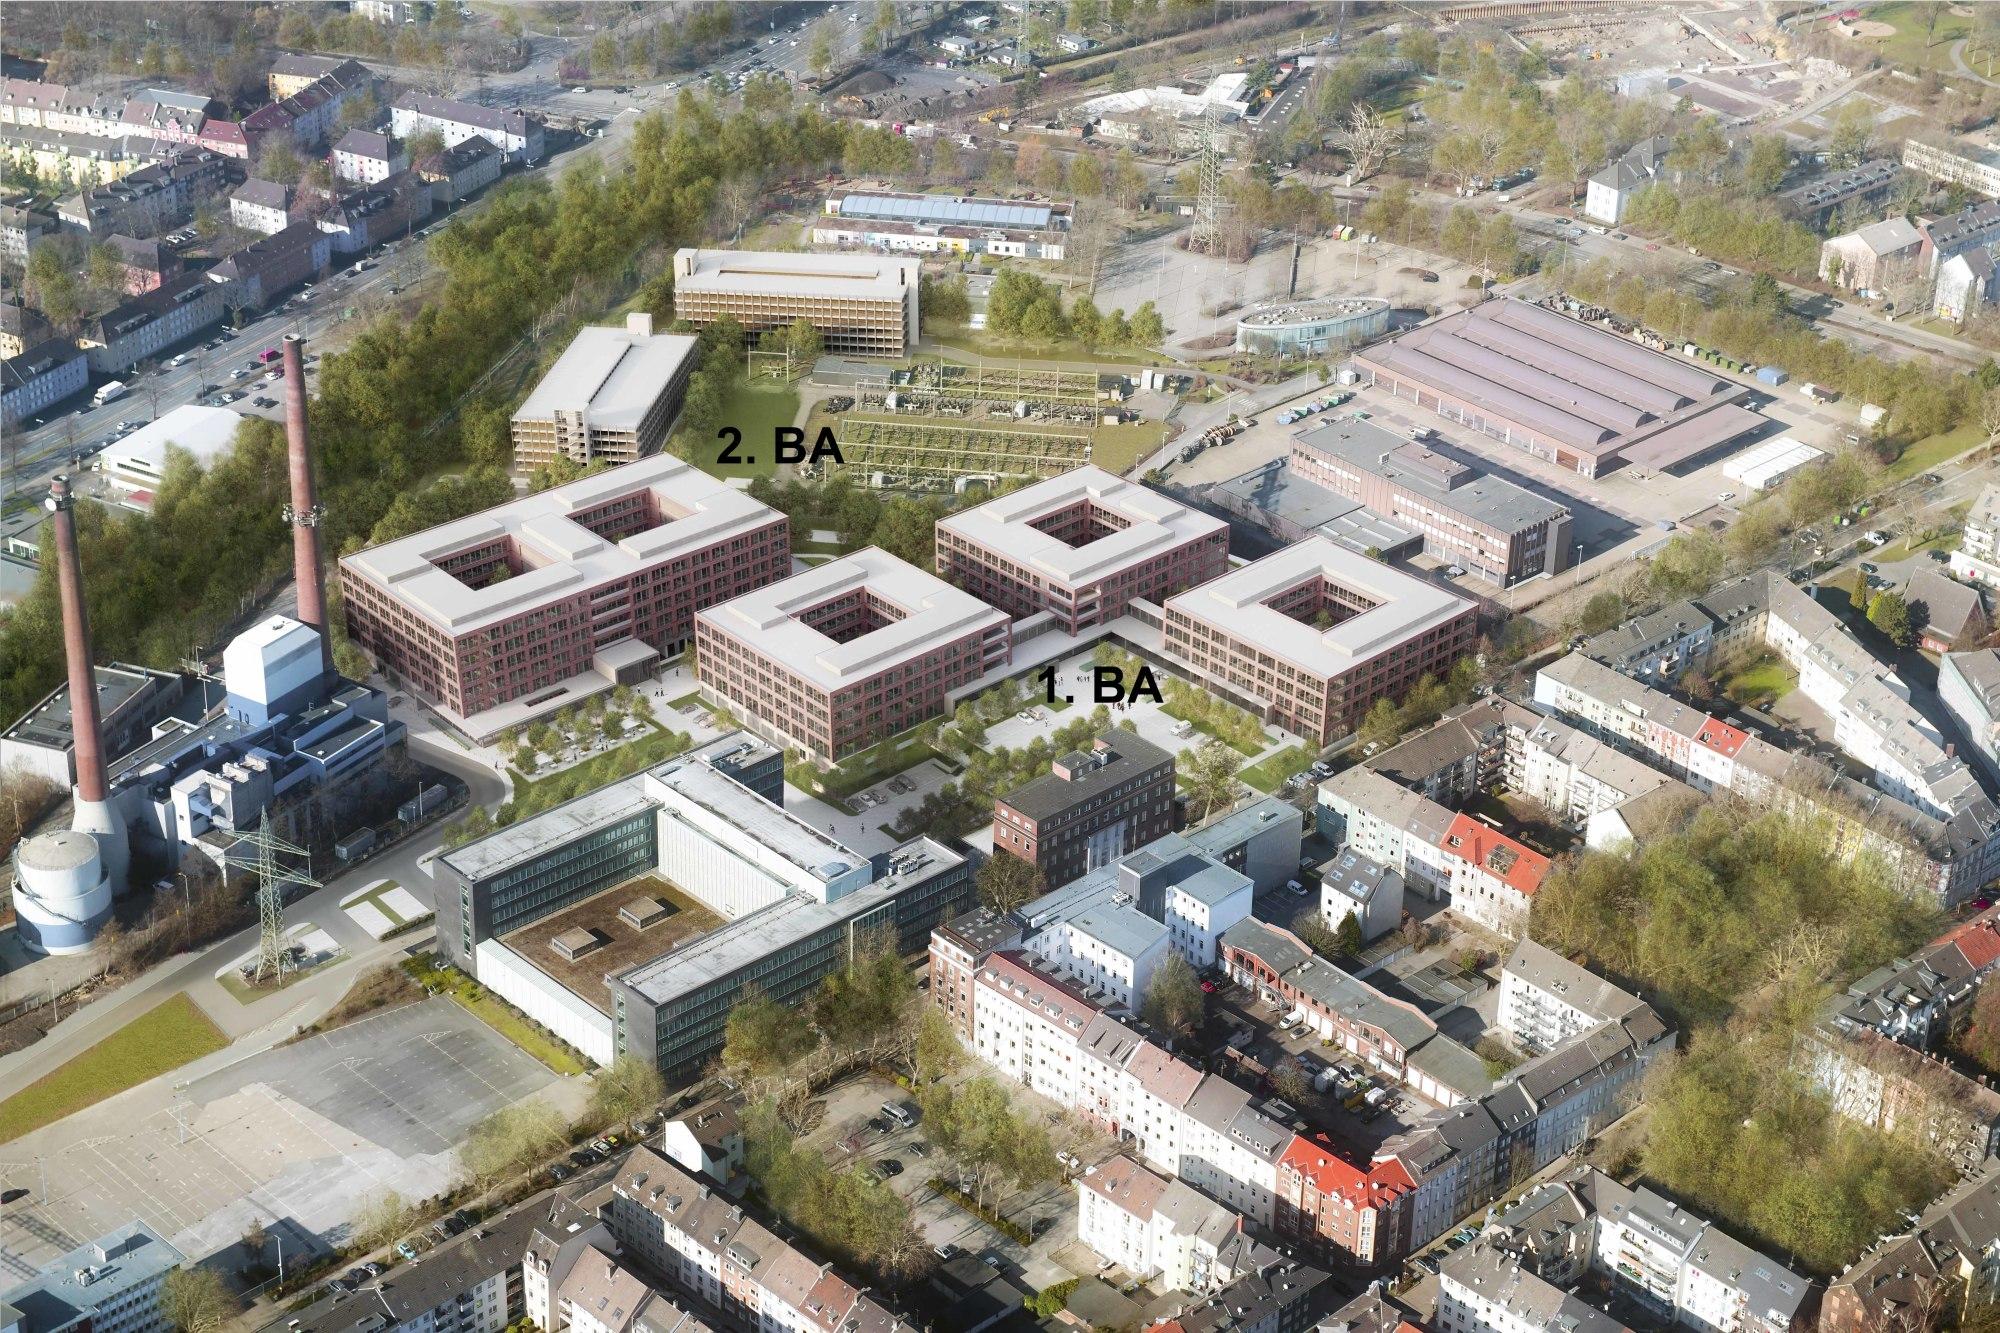 Visualisierung: HPP Architekten